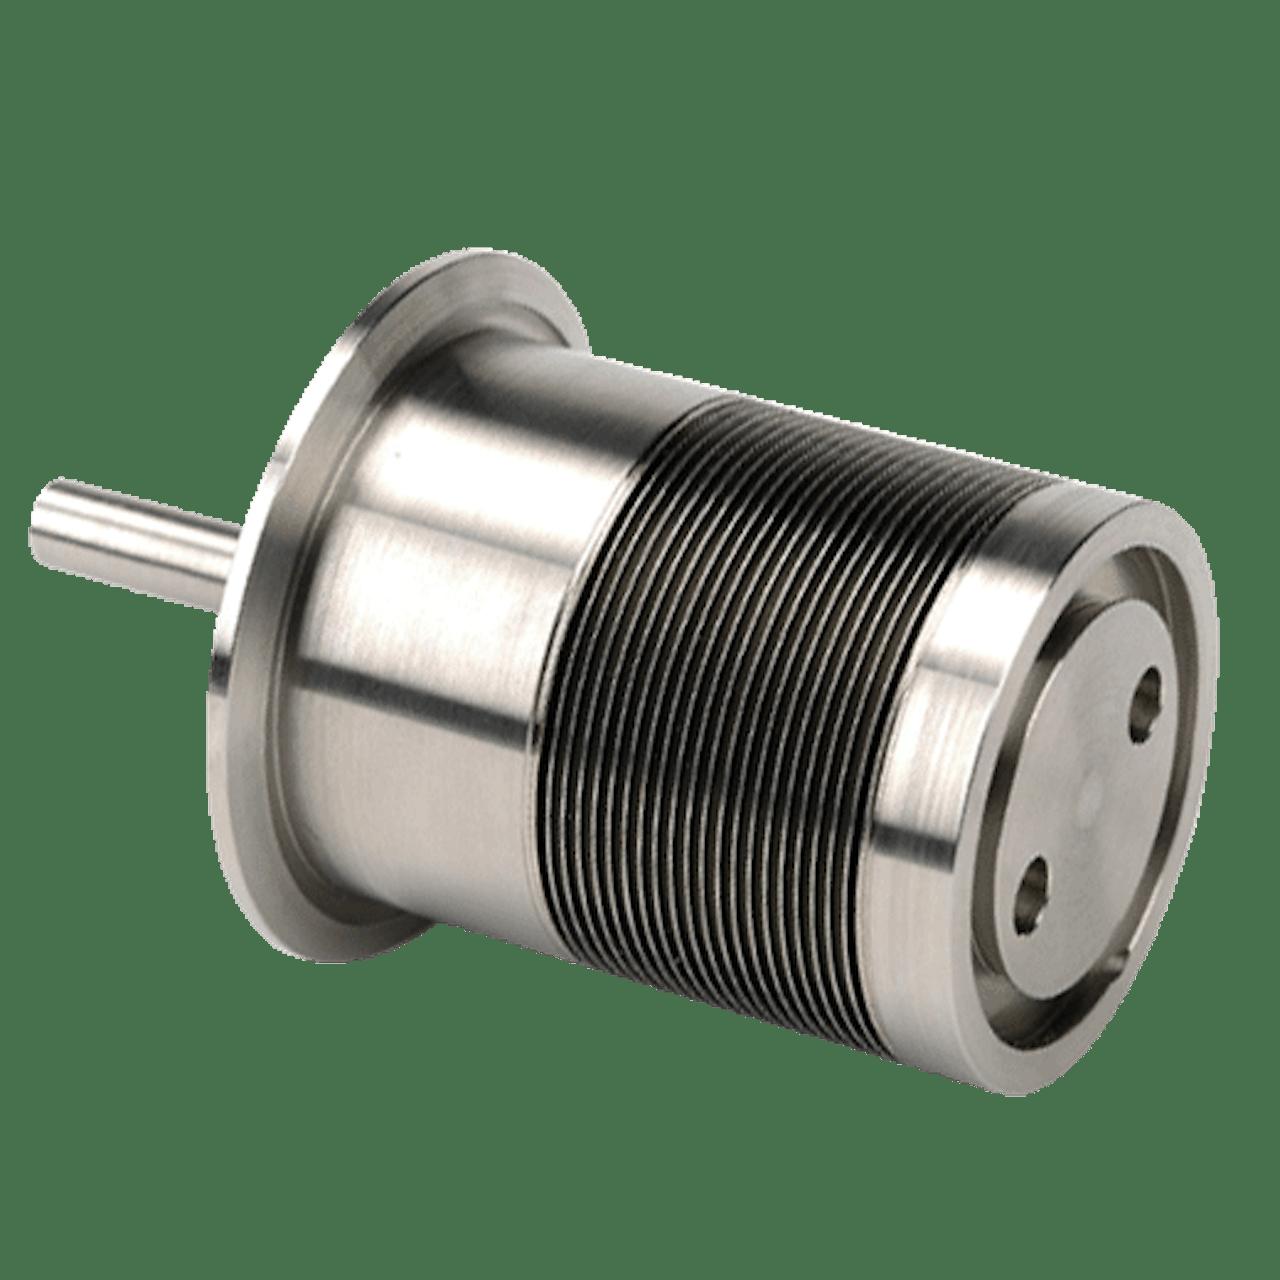 Bellows actuator